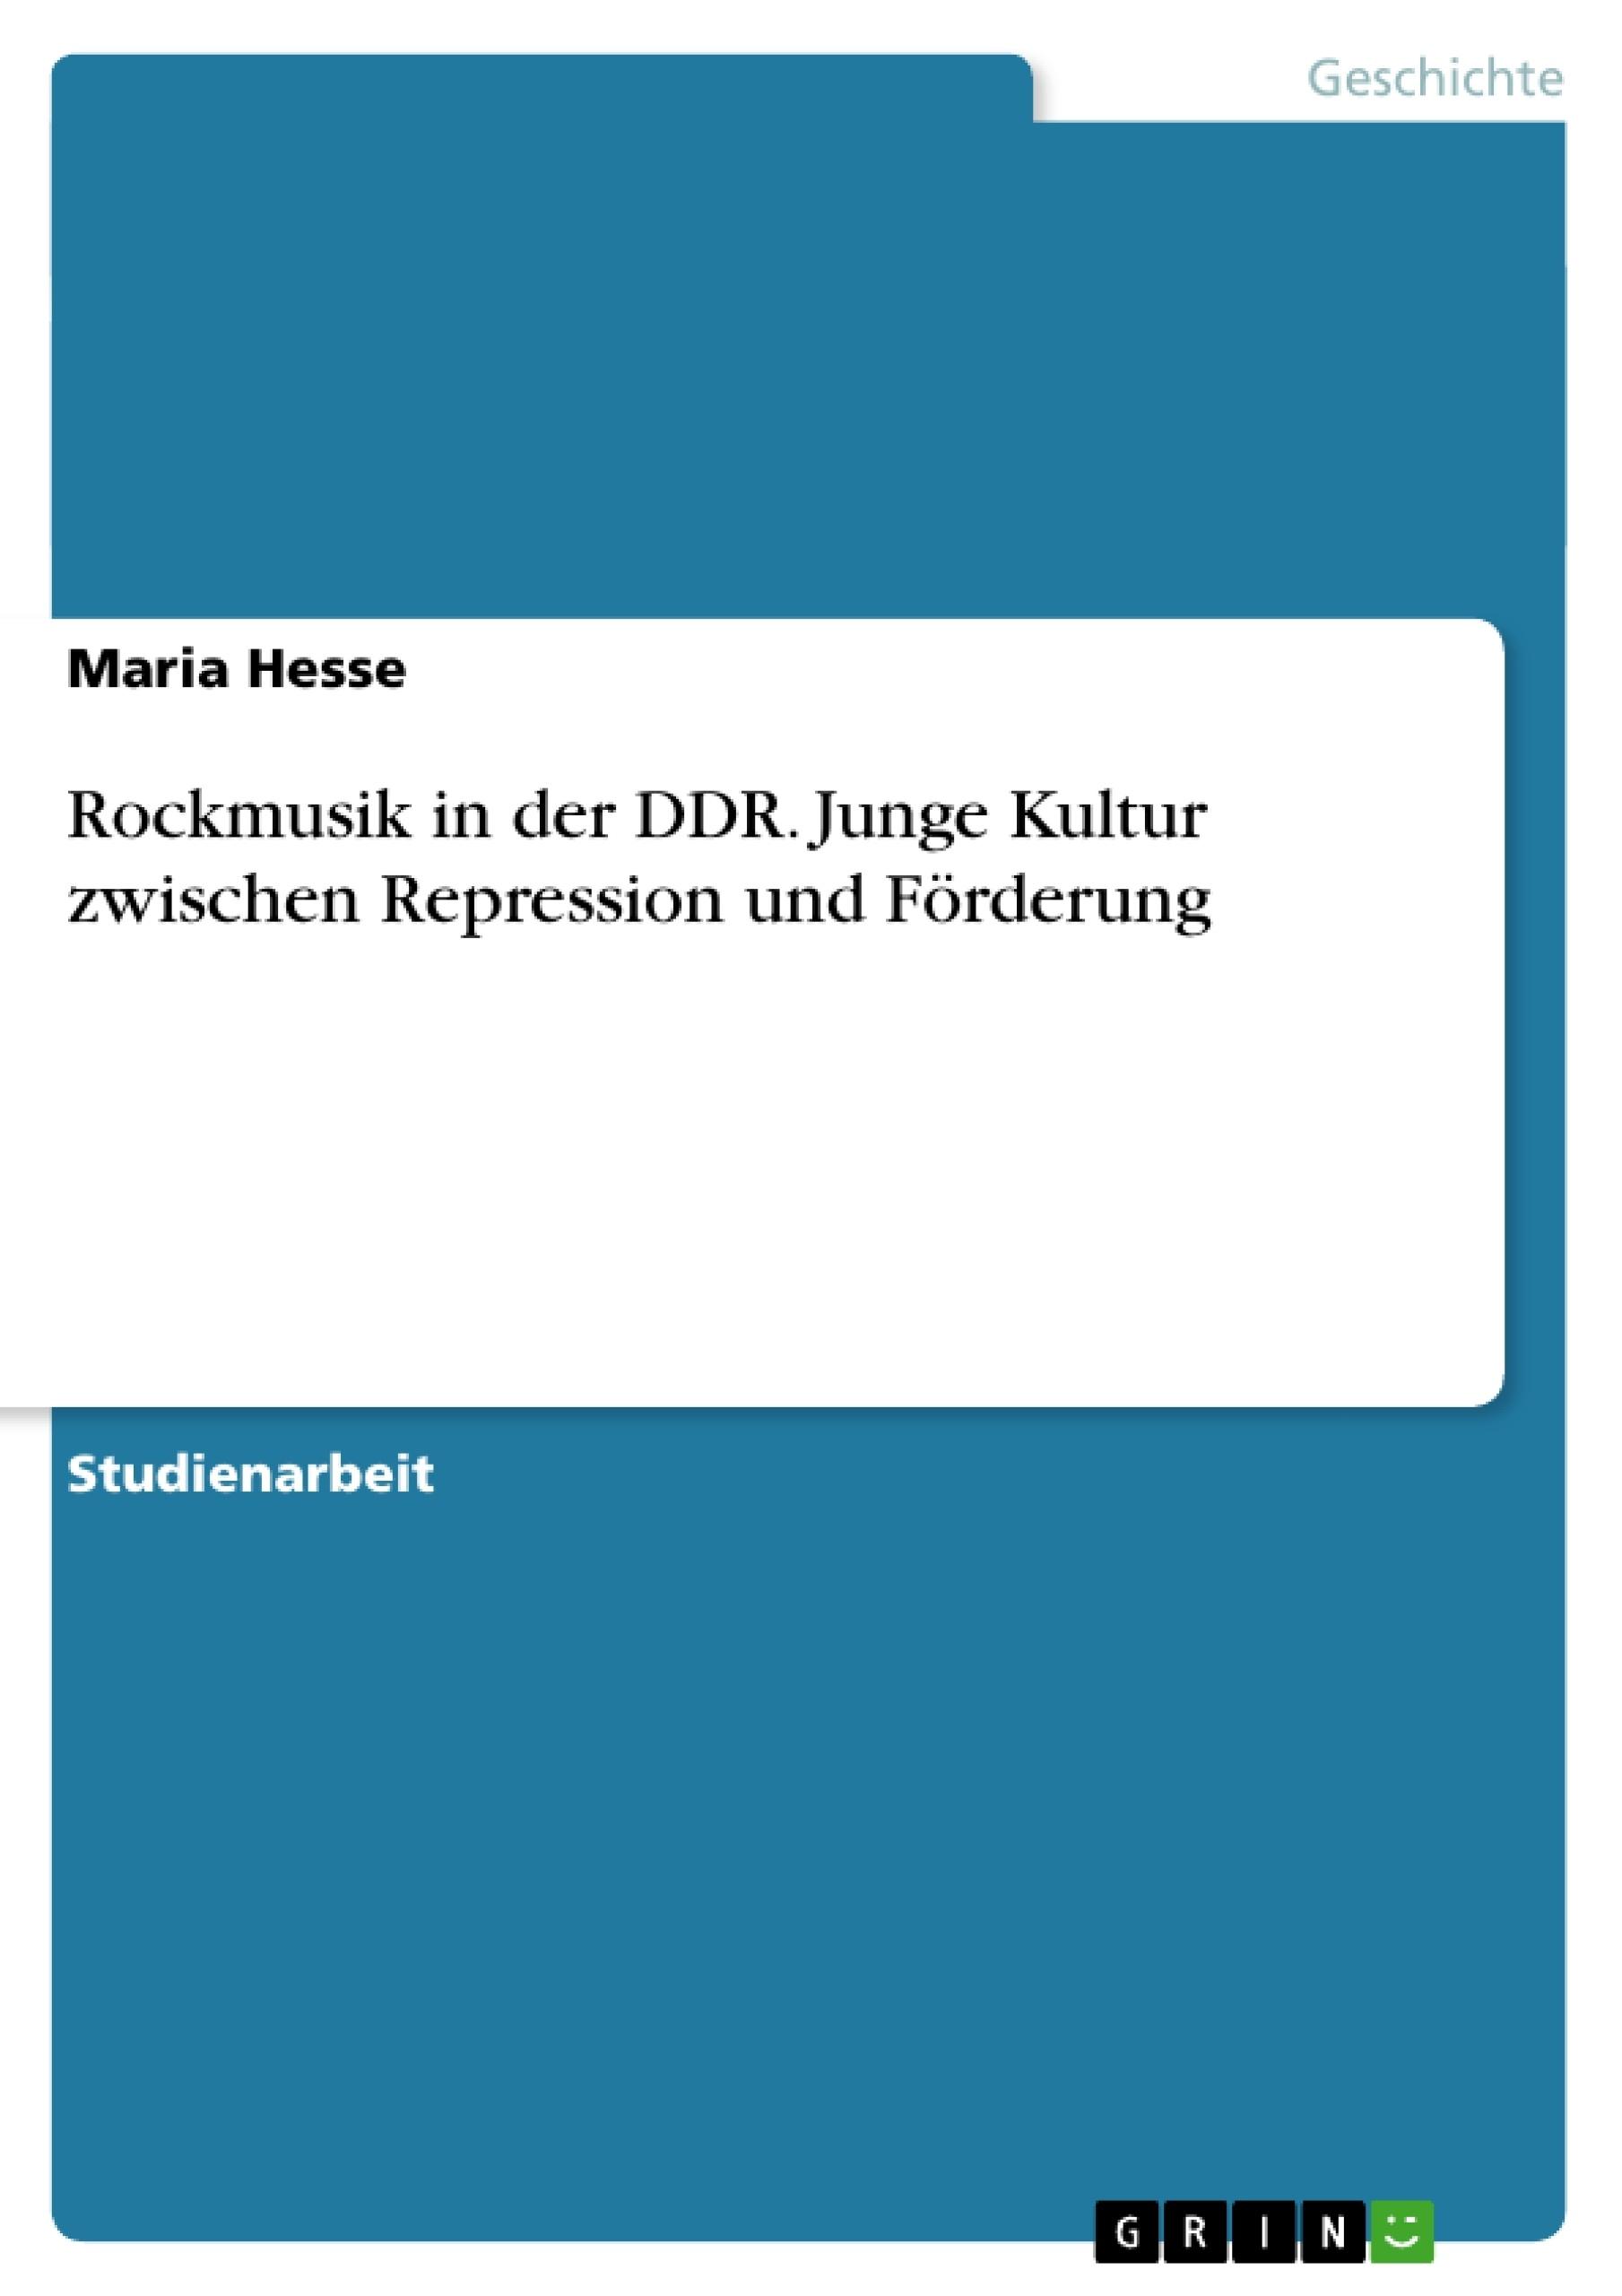 Titel: Rockmusik in der DDR. Junge Kultur zwischen Repression und Förderung